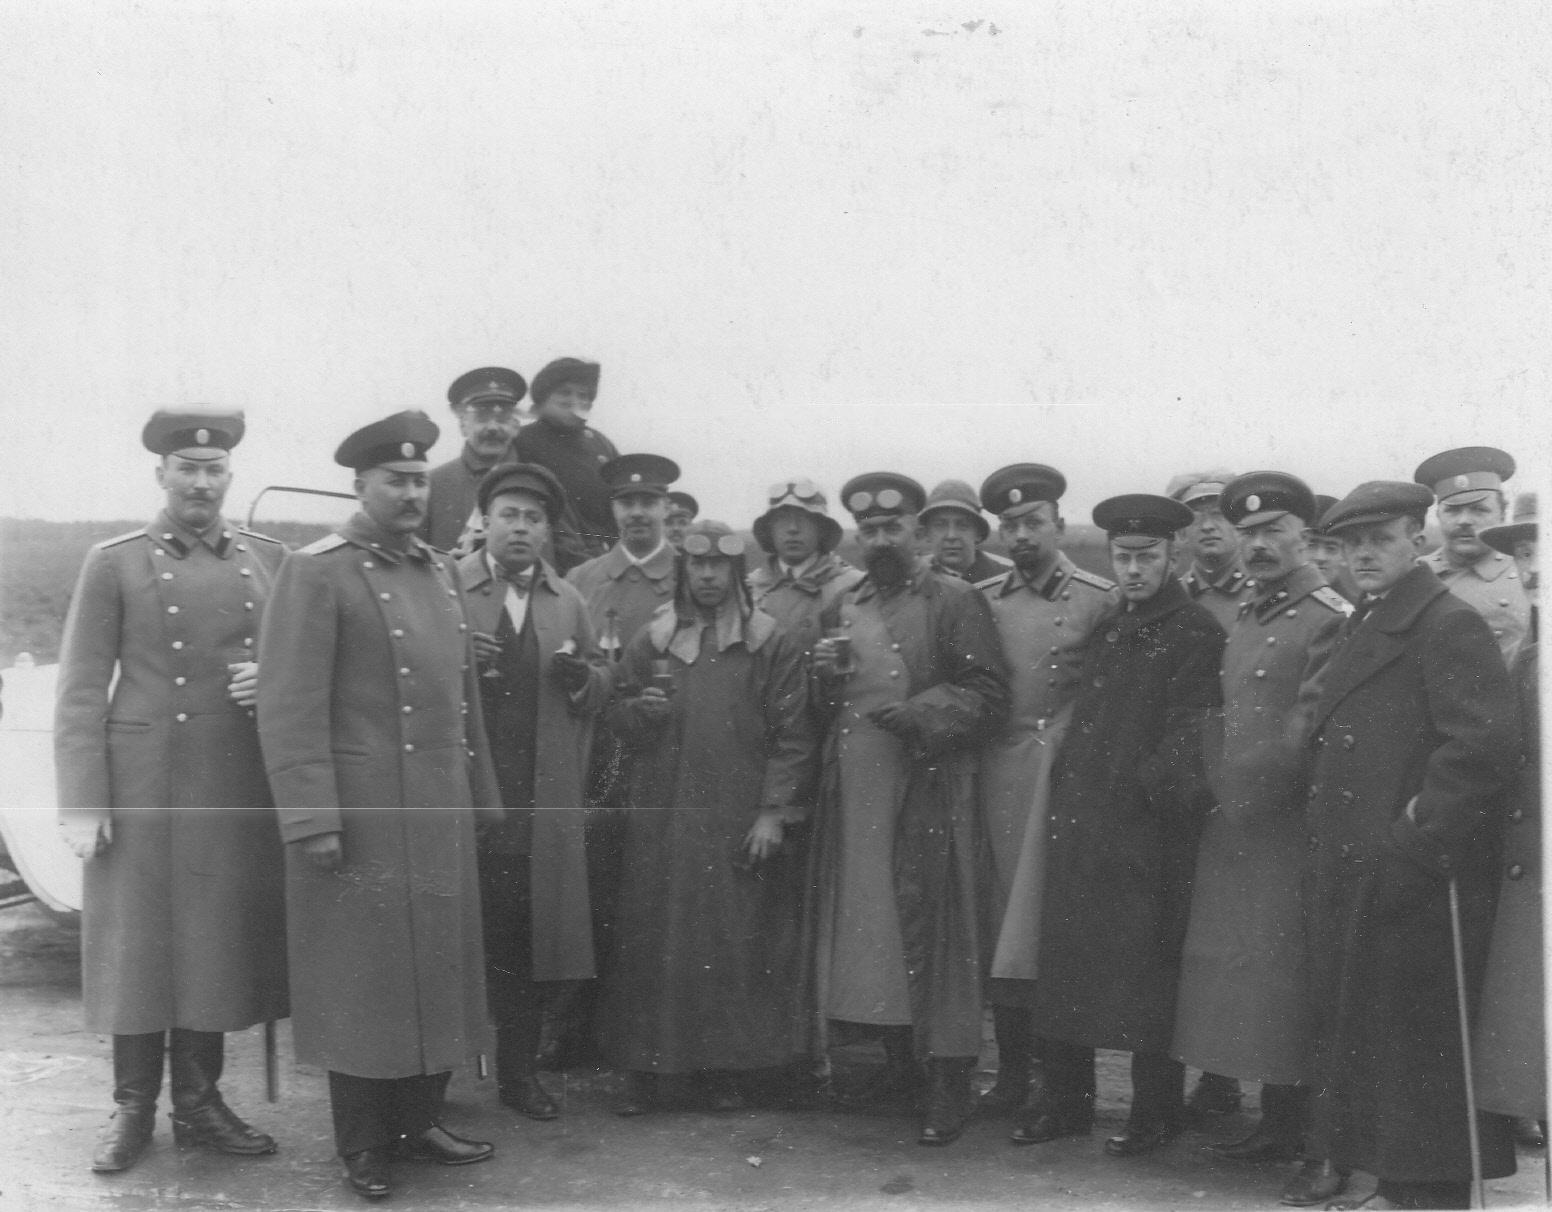 06. Группа участников пробега с провожающими на Исаакиевской площади перед стартом